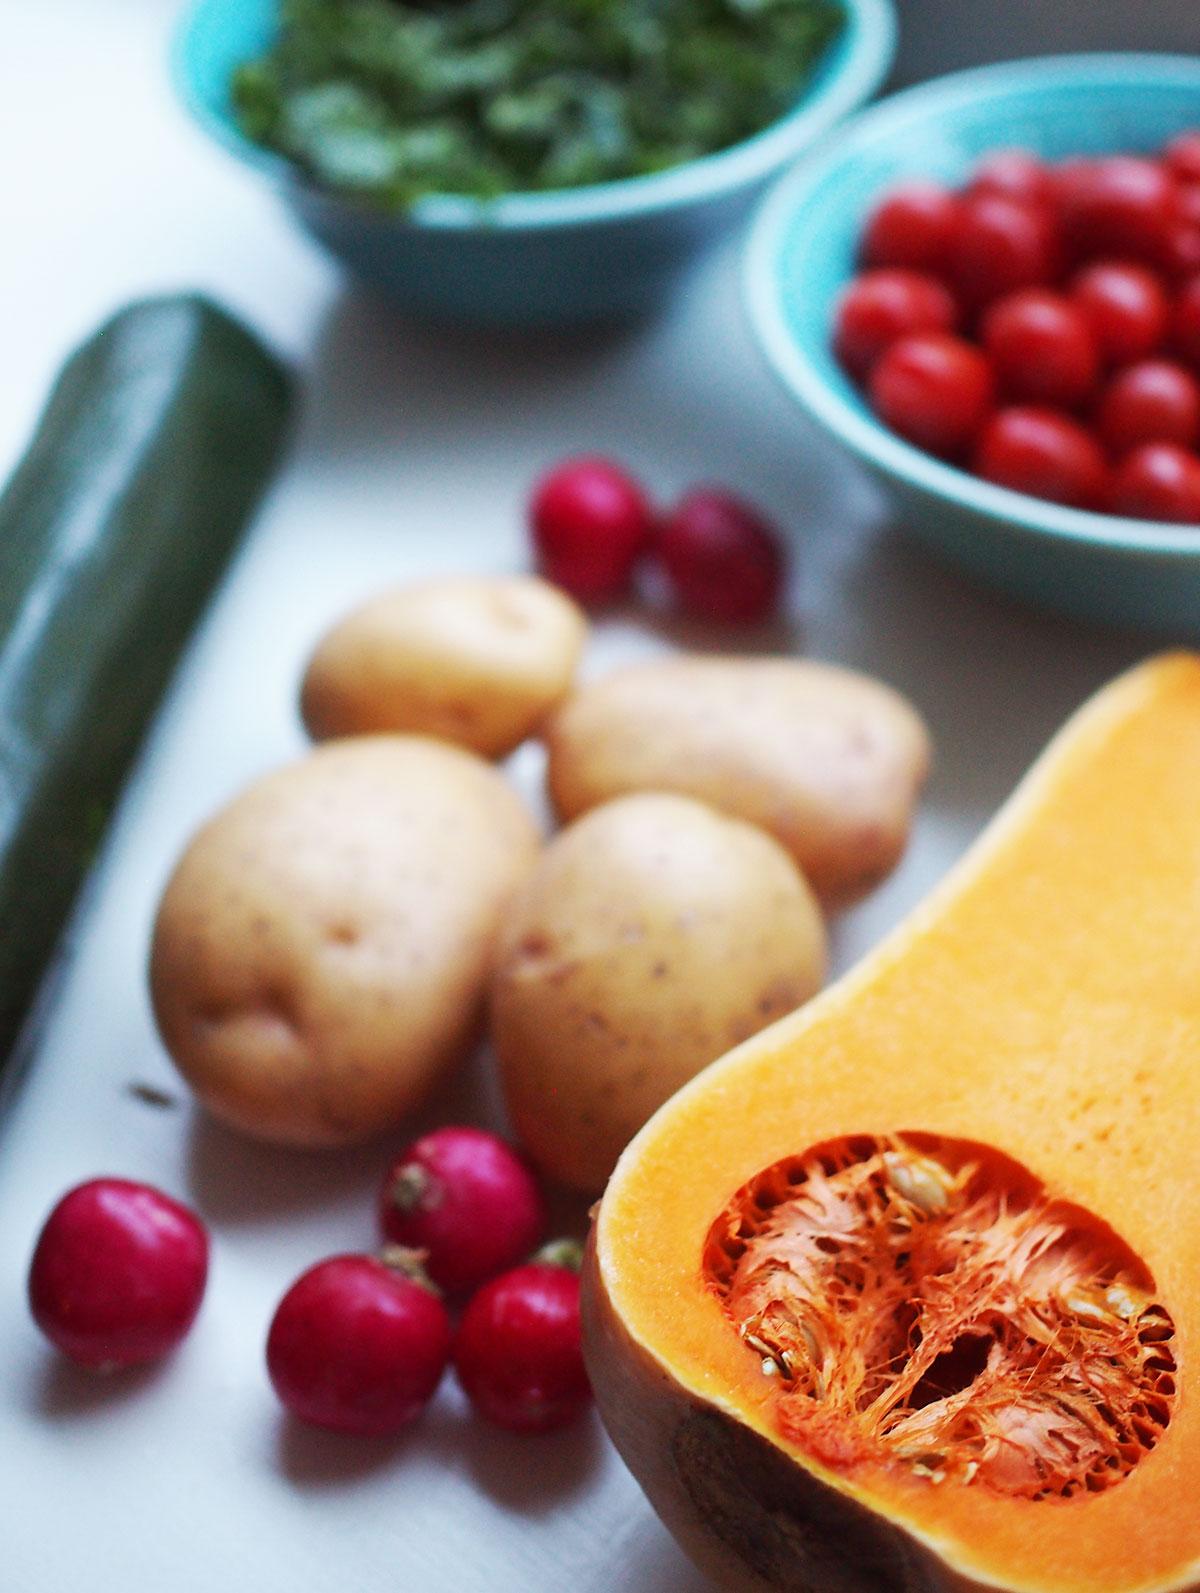 Ärtyvän suolen oireyhtymä vihanneksia